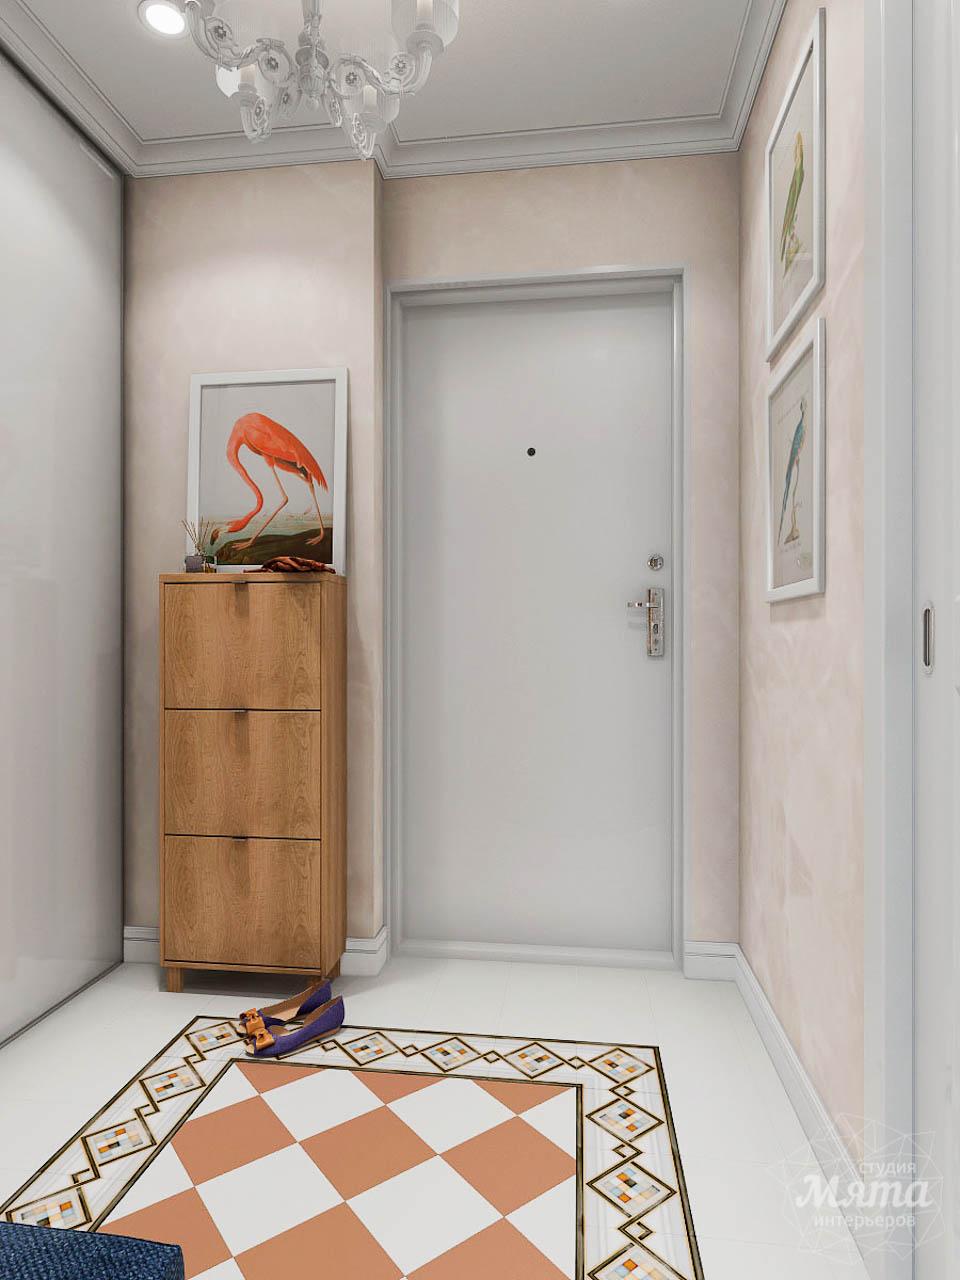 Дизайн интерьера однокомнатной квартиры по ул. Мичурина 231 img1958947424